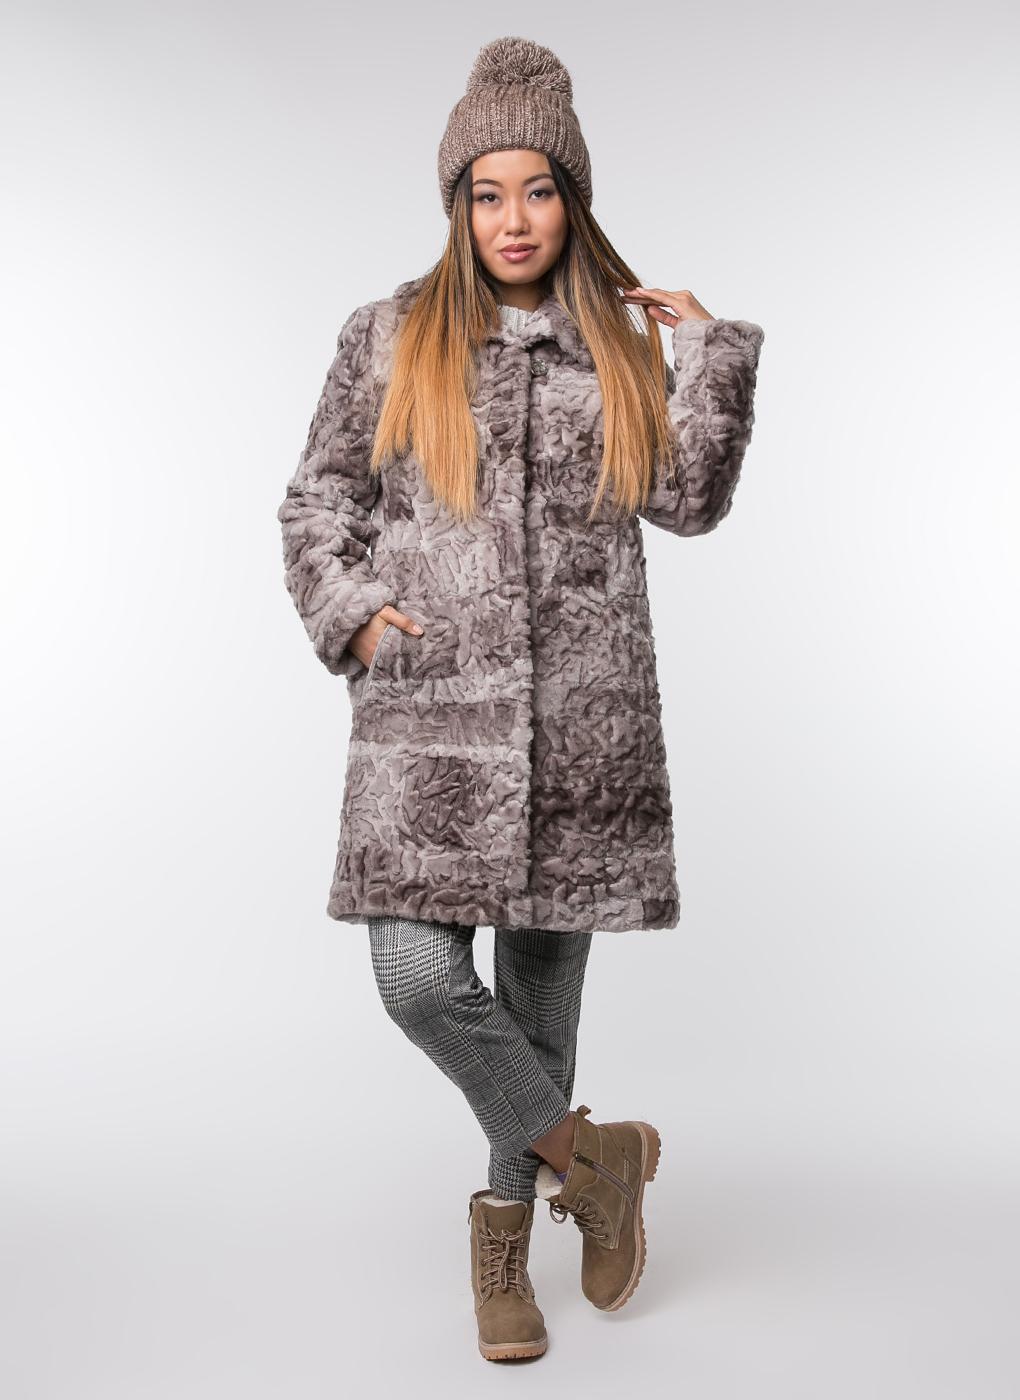 Пальто прямое из овчины 02, Dzhanbekoff